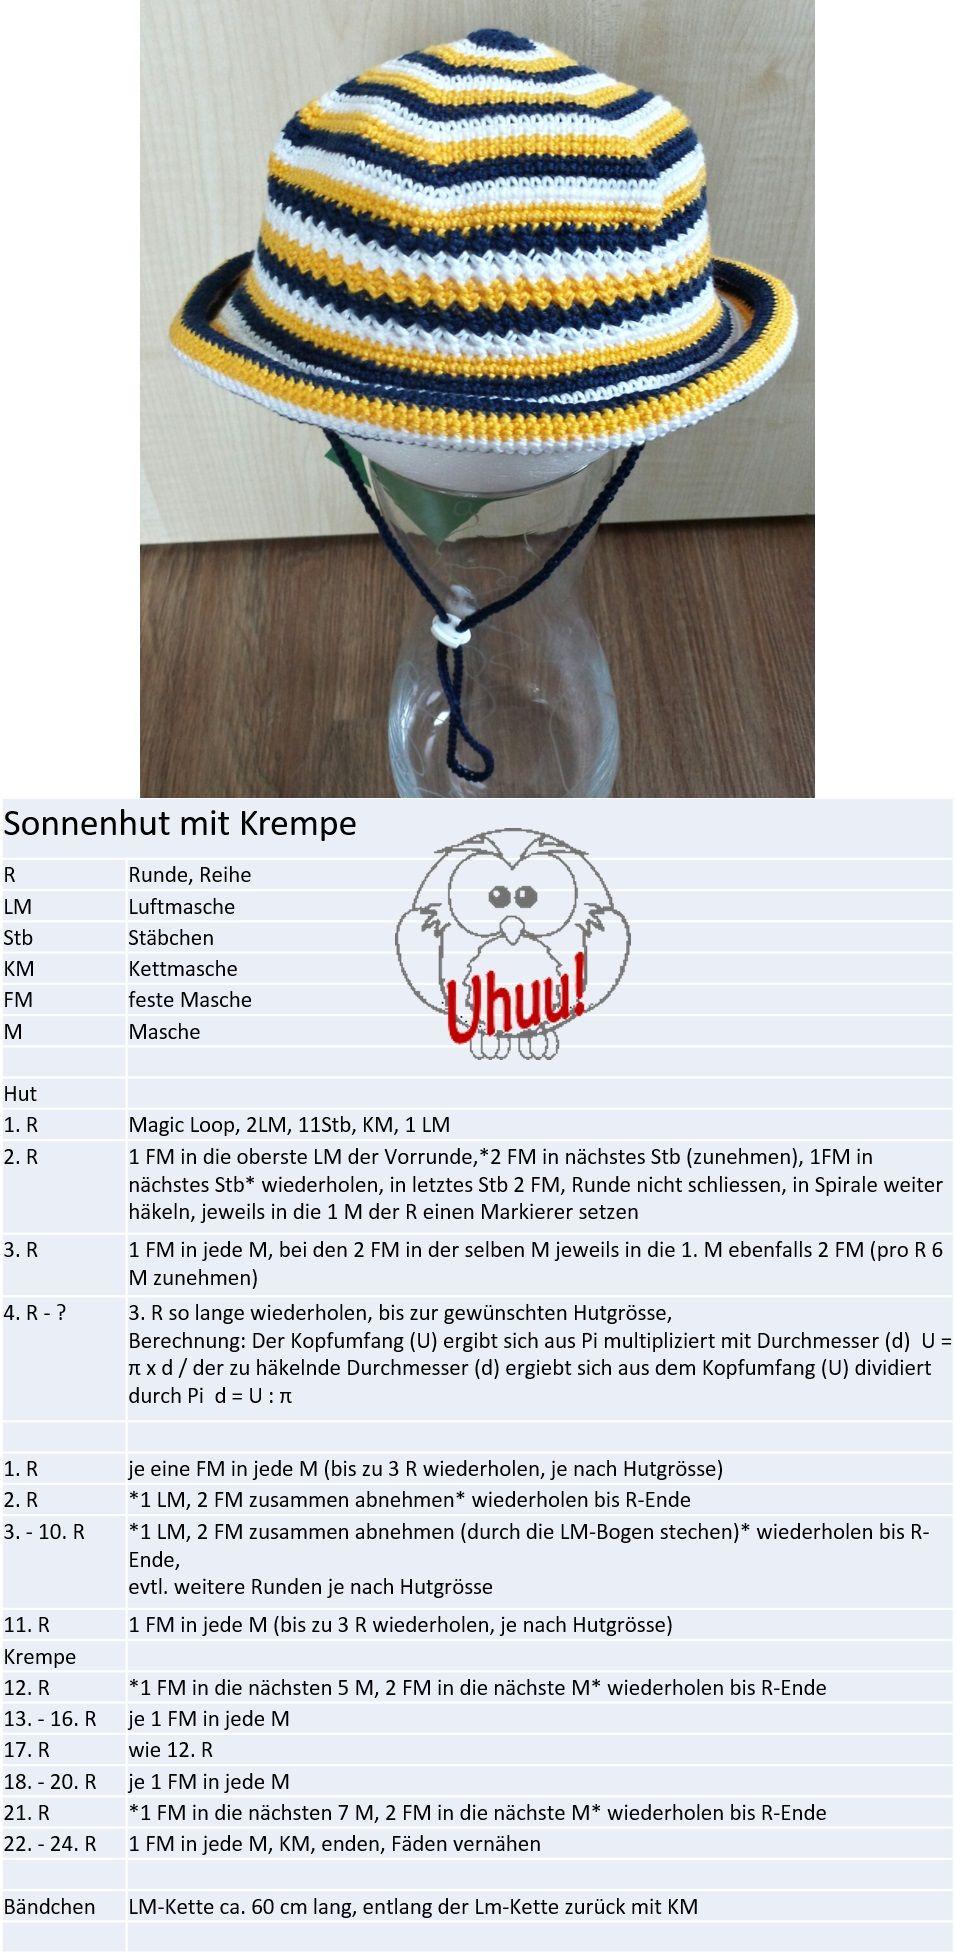 Sonnenhut, häkeln, kostenlose Anleitung von Uhuu! | Anleitungen ...